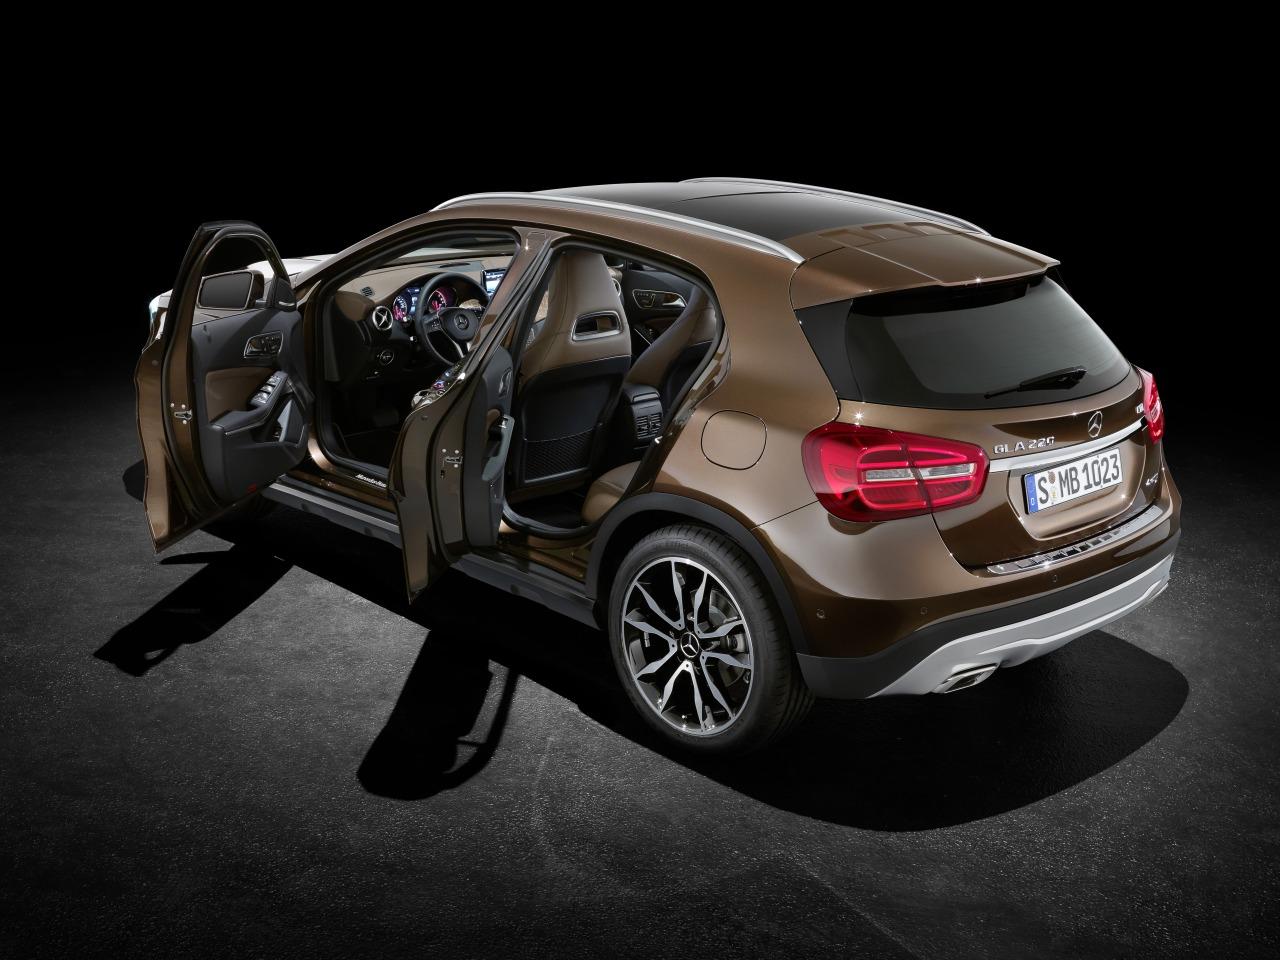 Mercedes GLA 2014 10